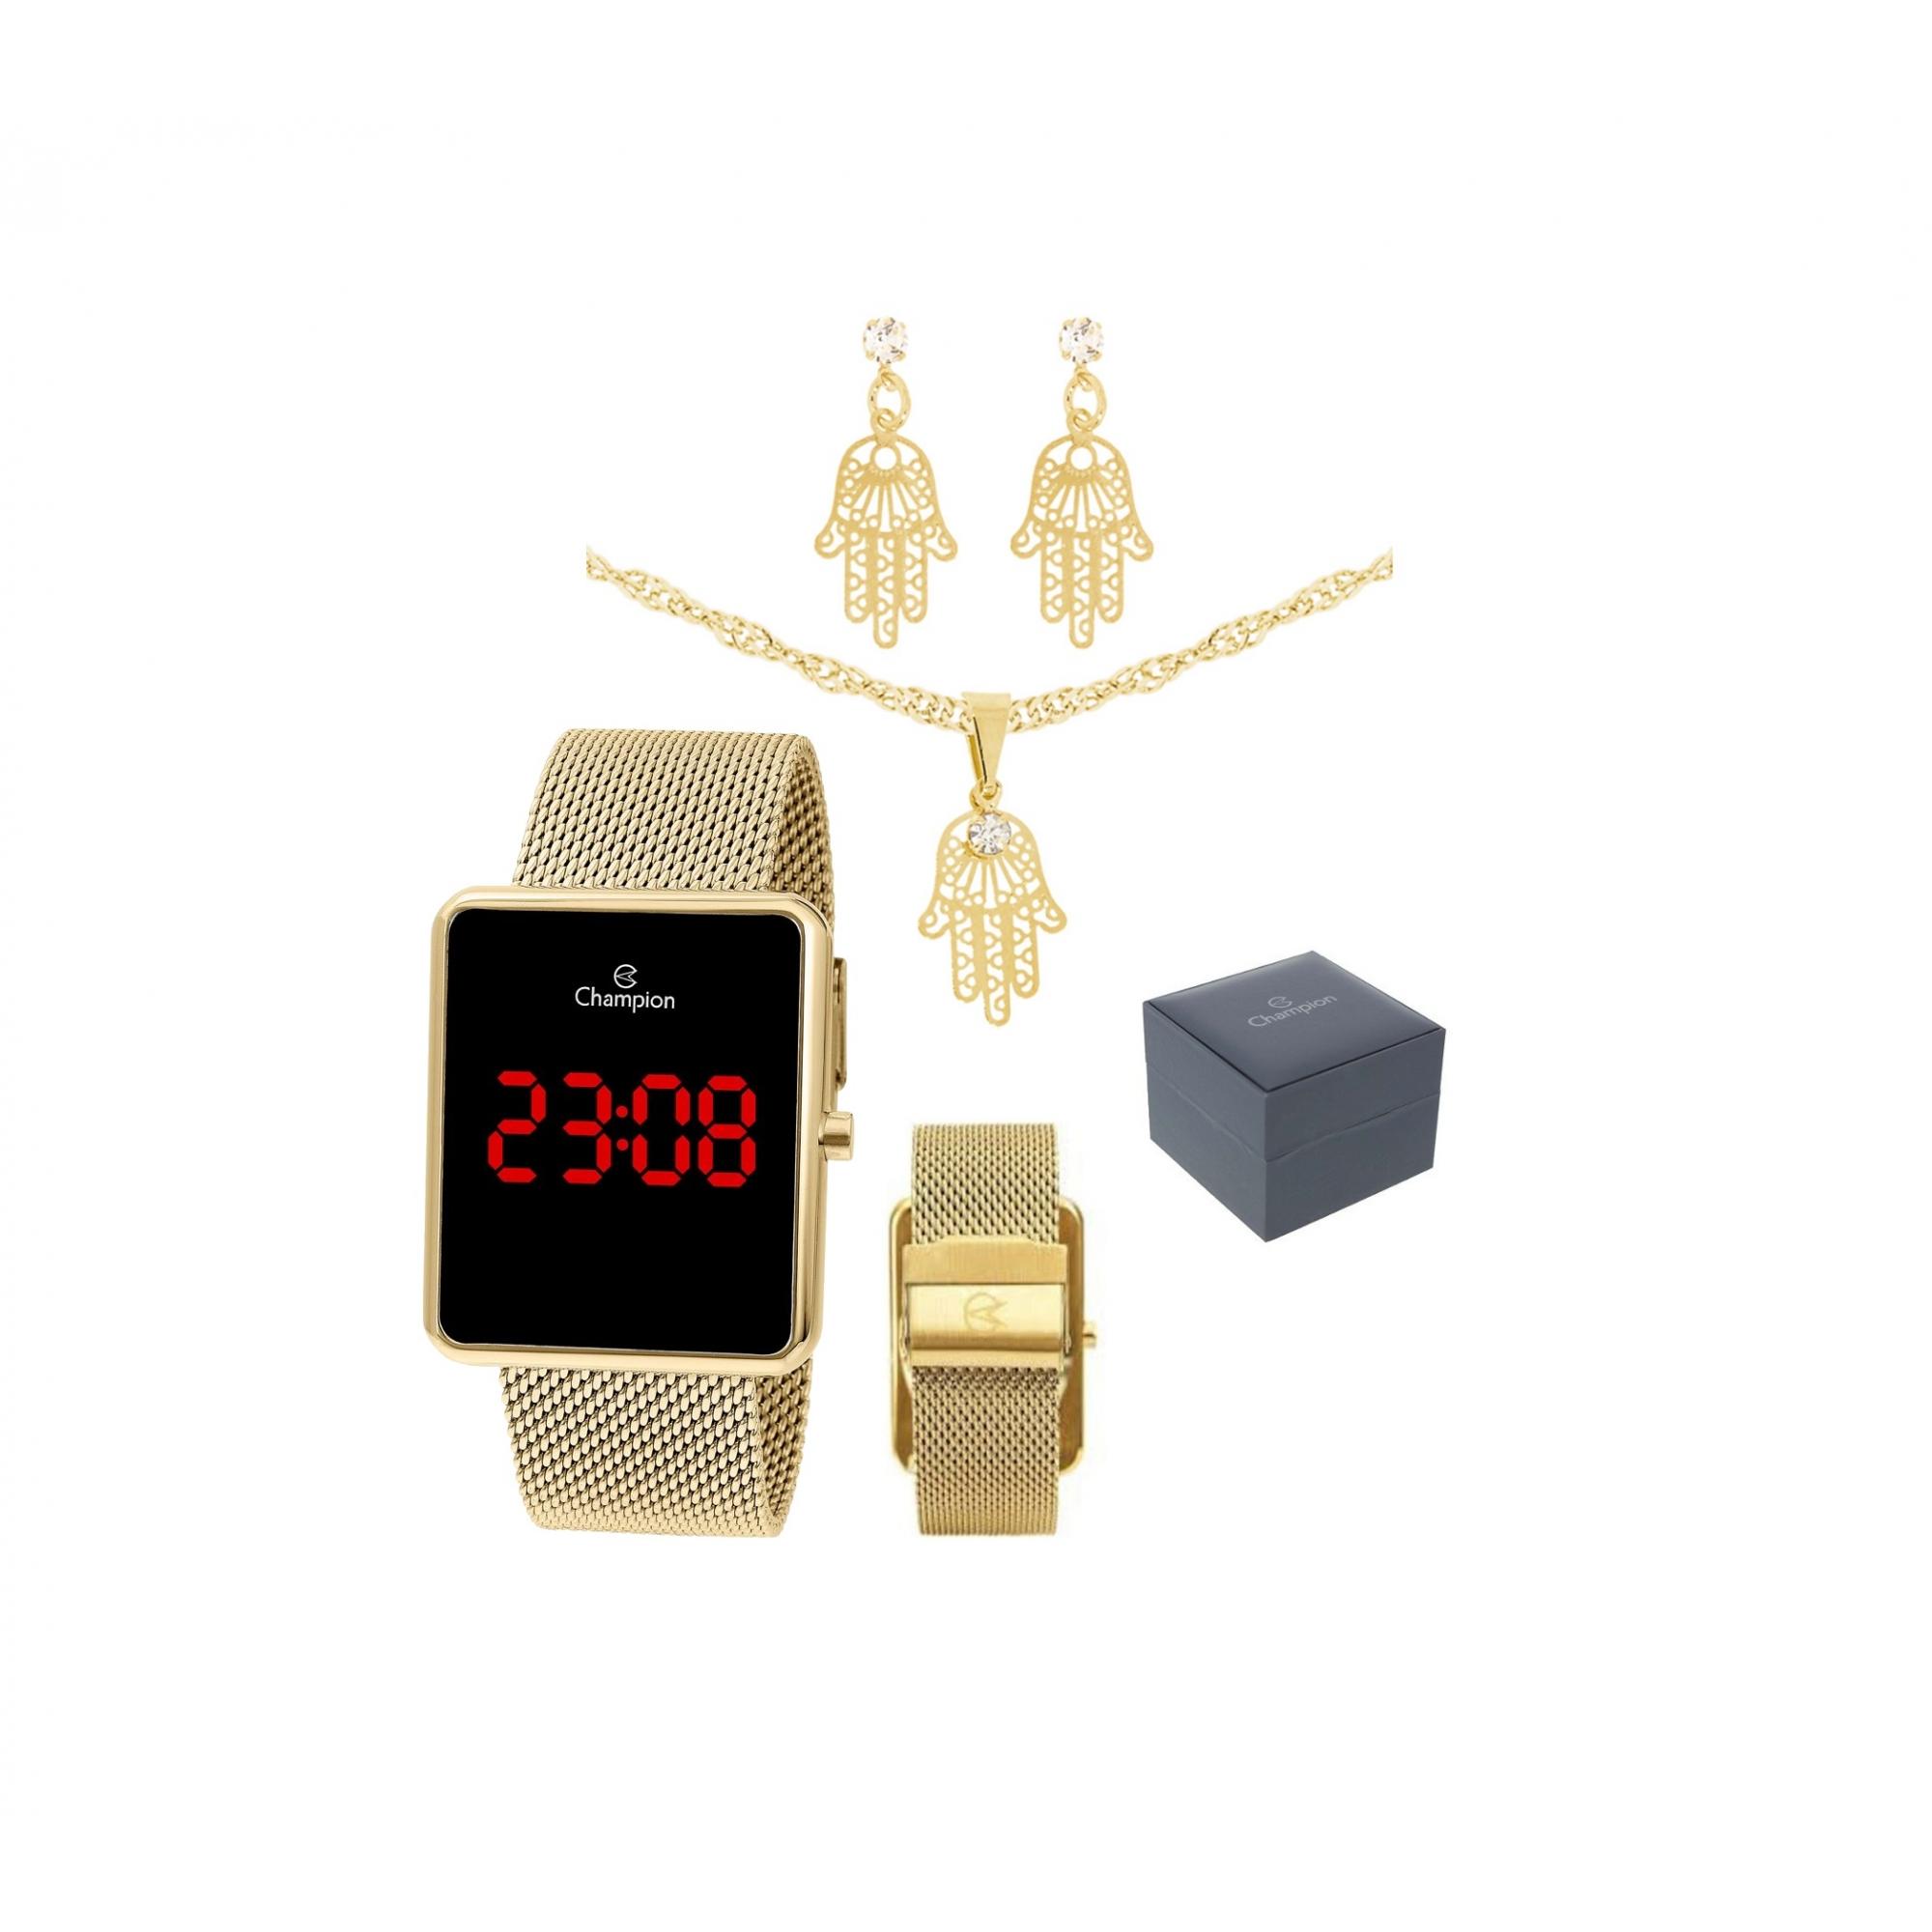 Relógio Digital Dourado Led Ch40080V + Semijoia Champion Original